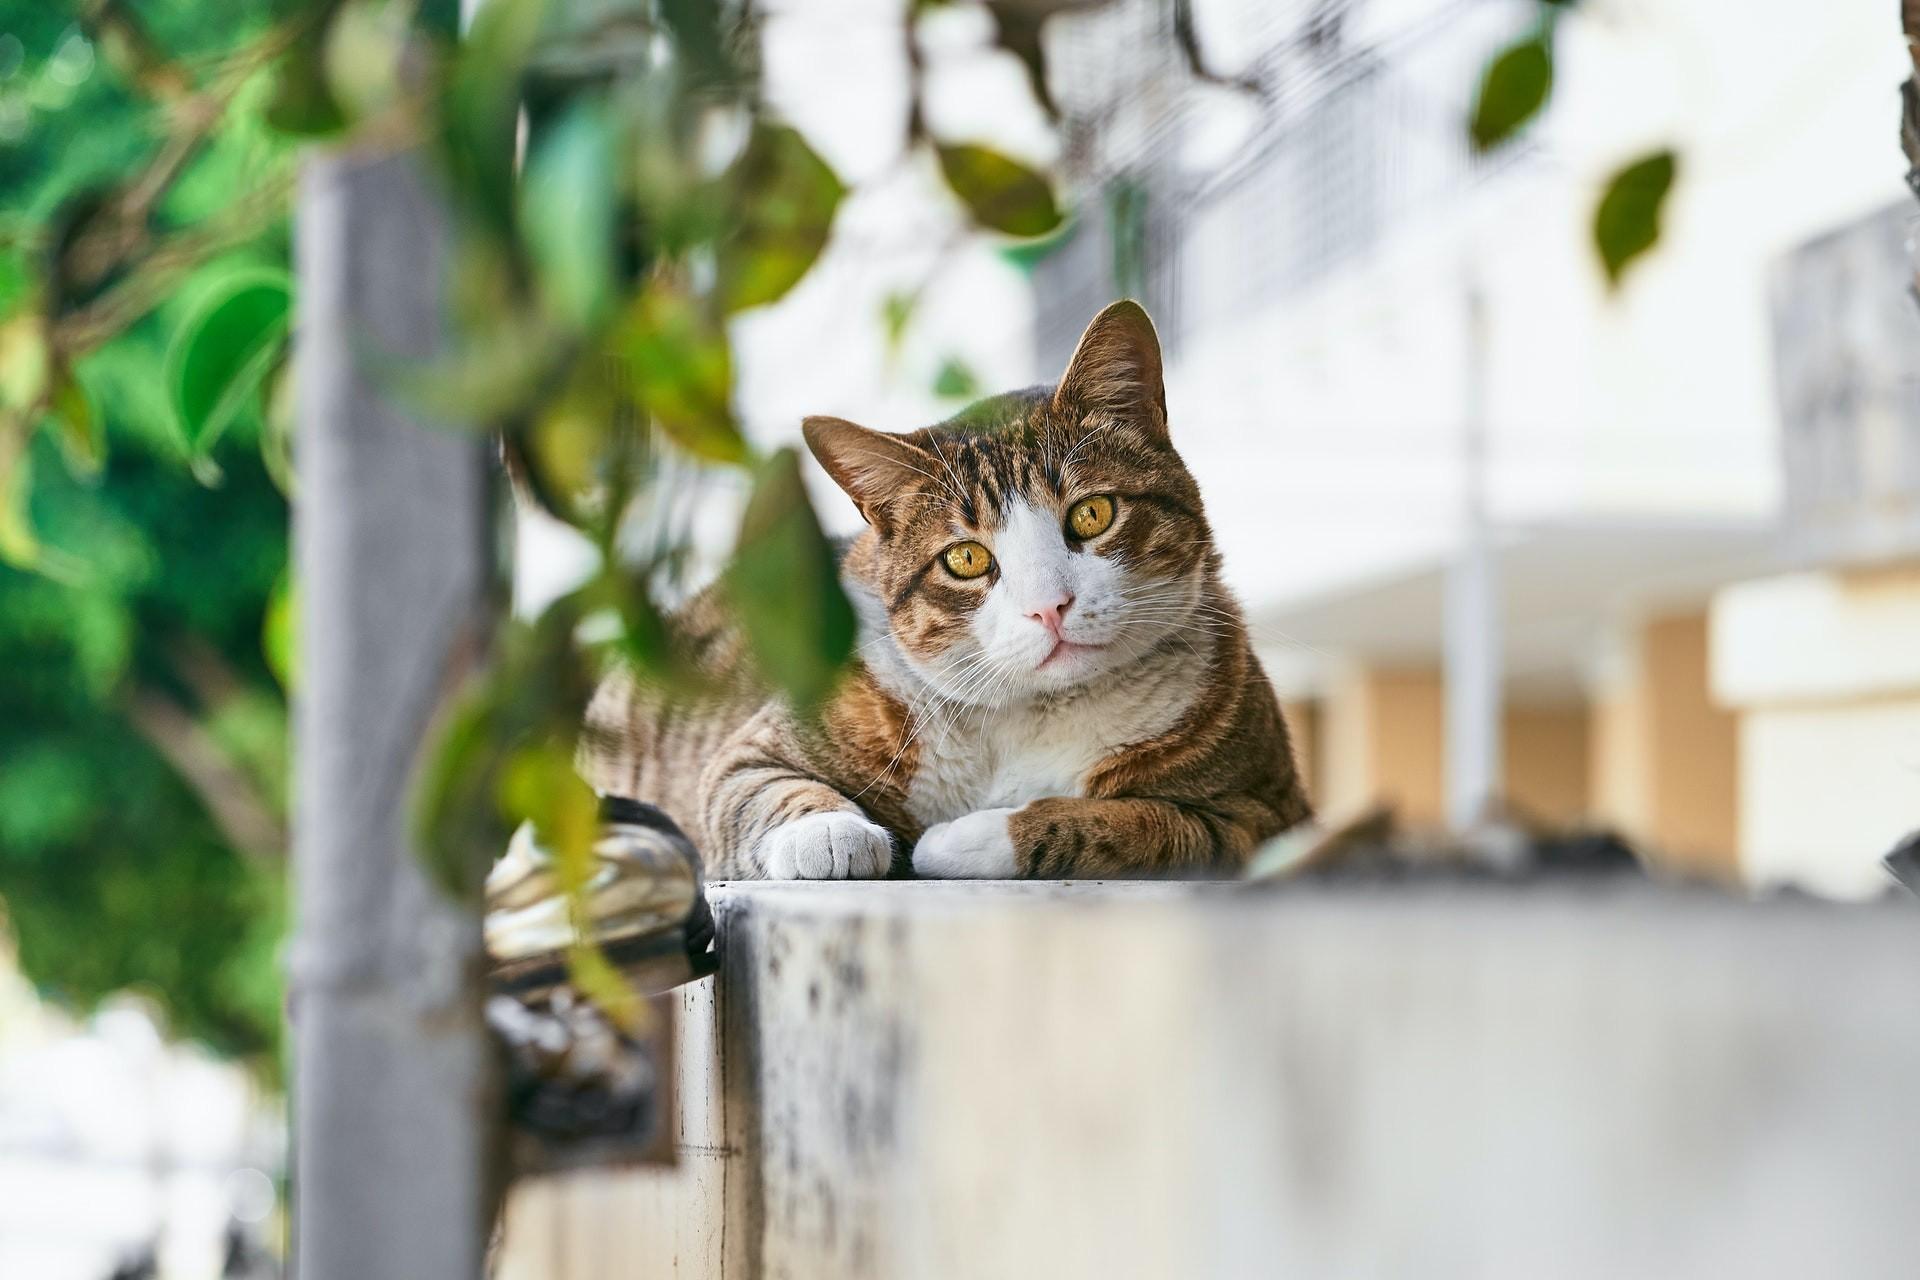 4/10: Παγκόσμια Ημέρα των Ζώων. Υιοθέτησε ένα αδέσποτο, μπορείς!